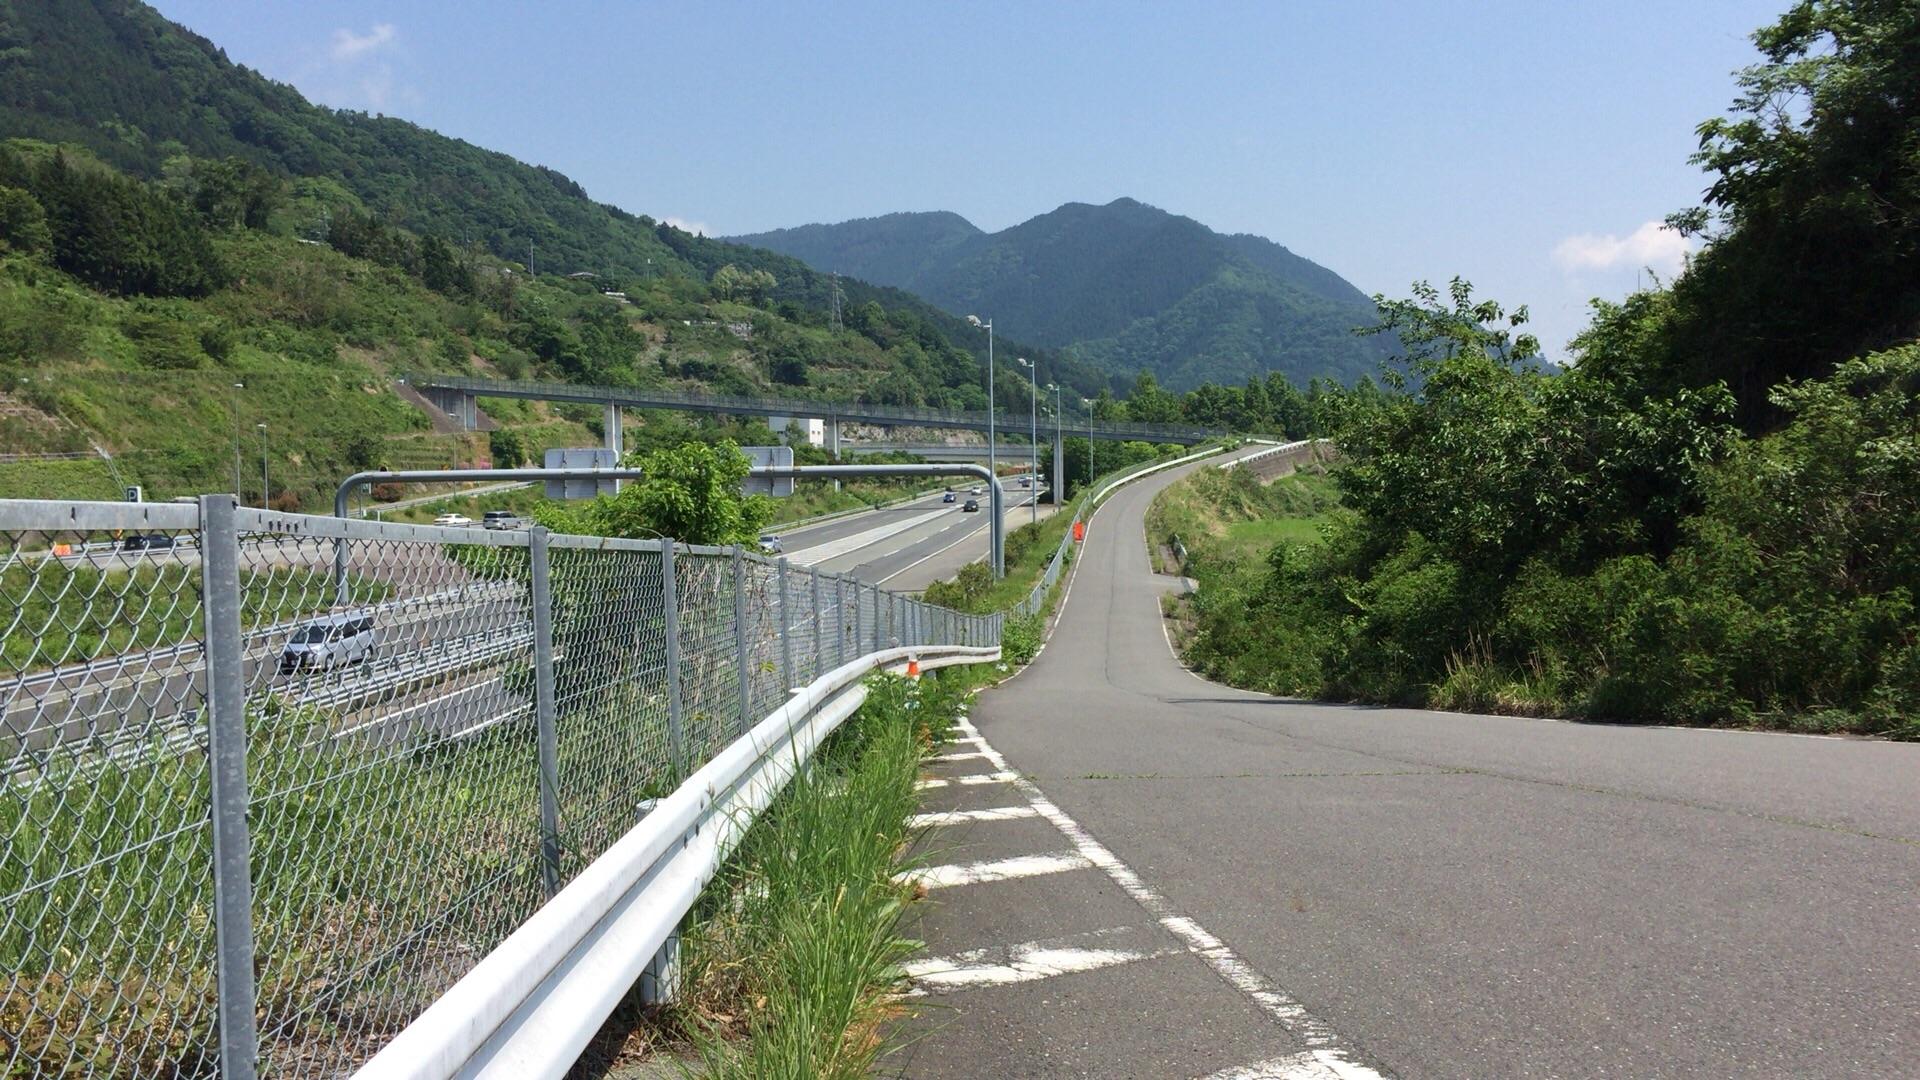 f:id:mfj_maap_jp:20170526010958j:image